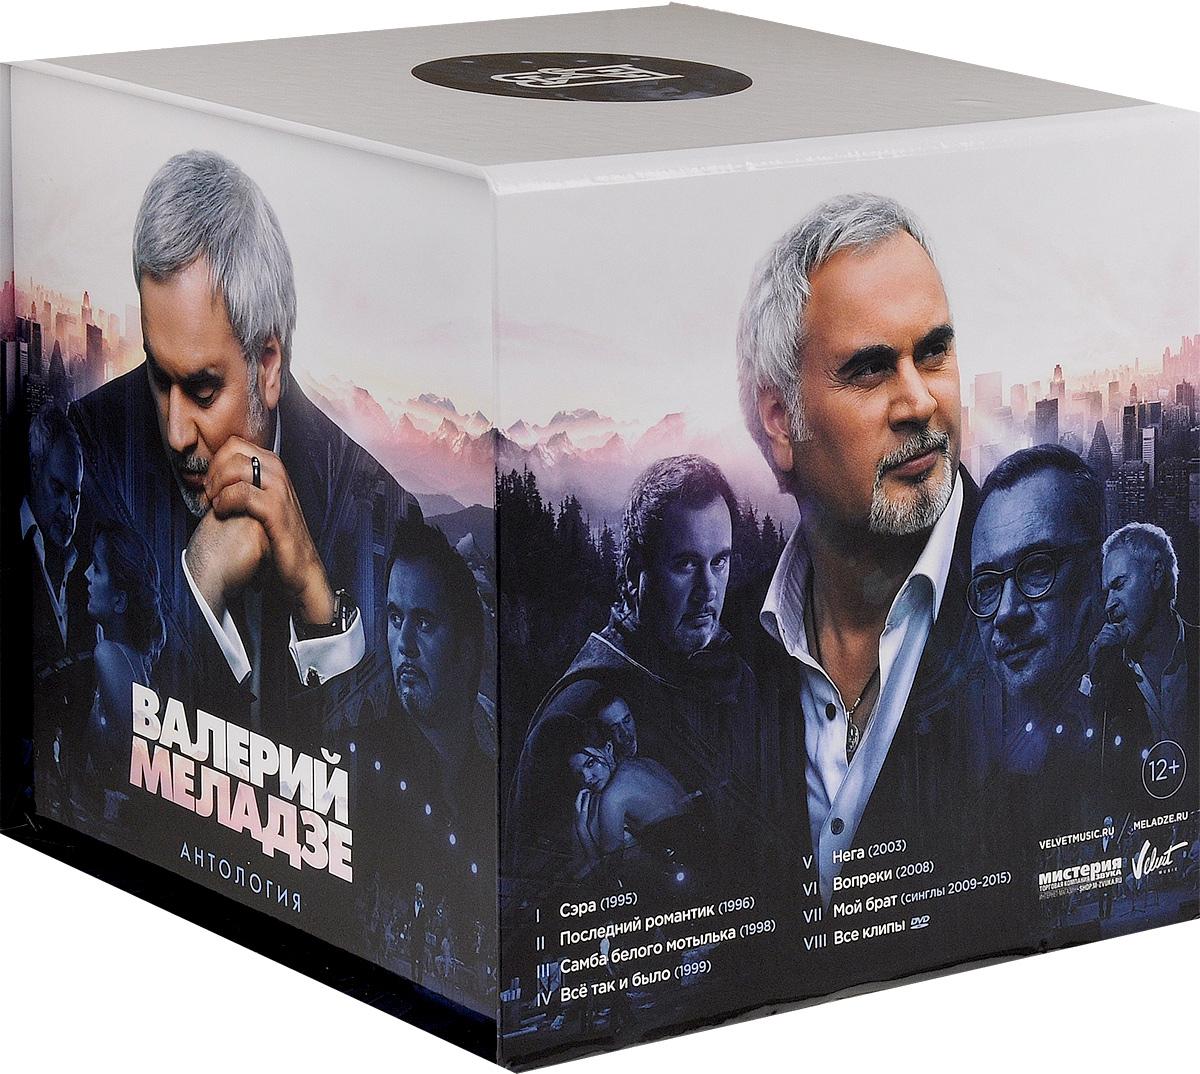 Валерий Меладзе Валерий Меладзе. Антология (7 CD + DVD) валерий чкалов dvd